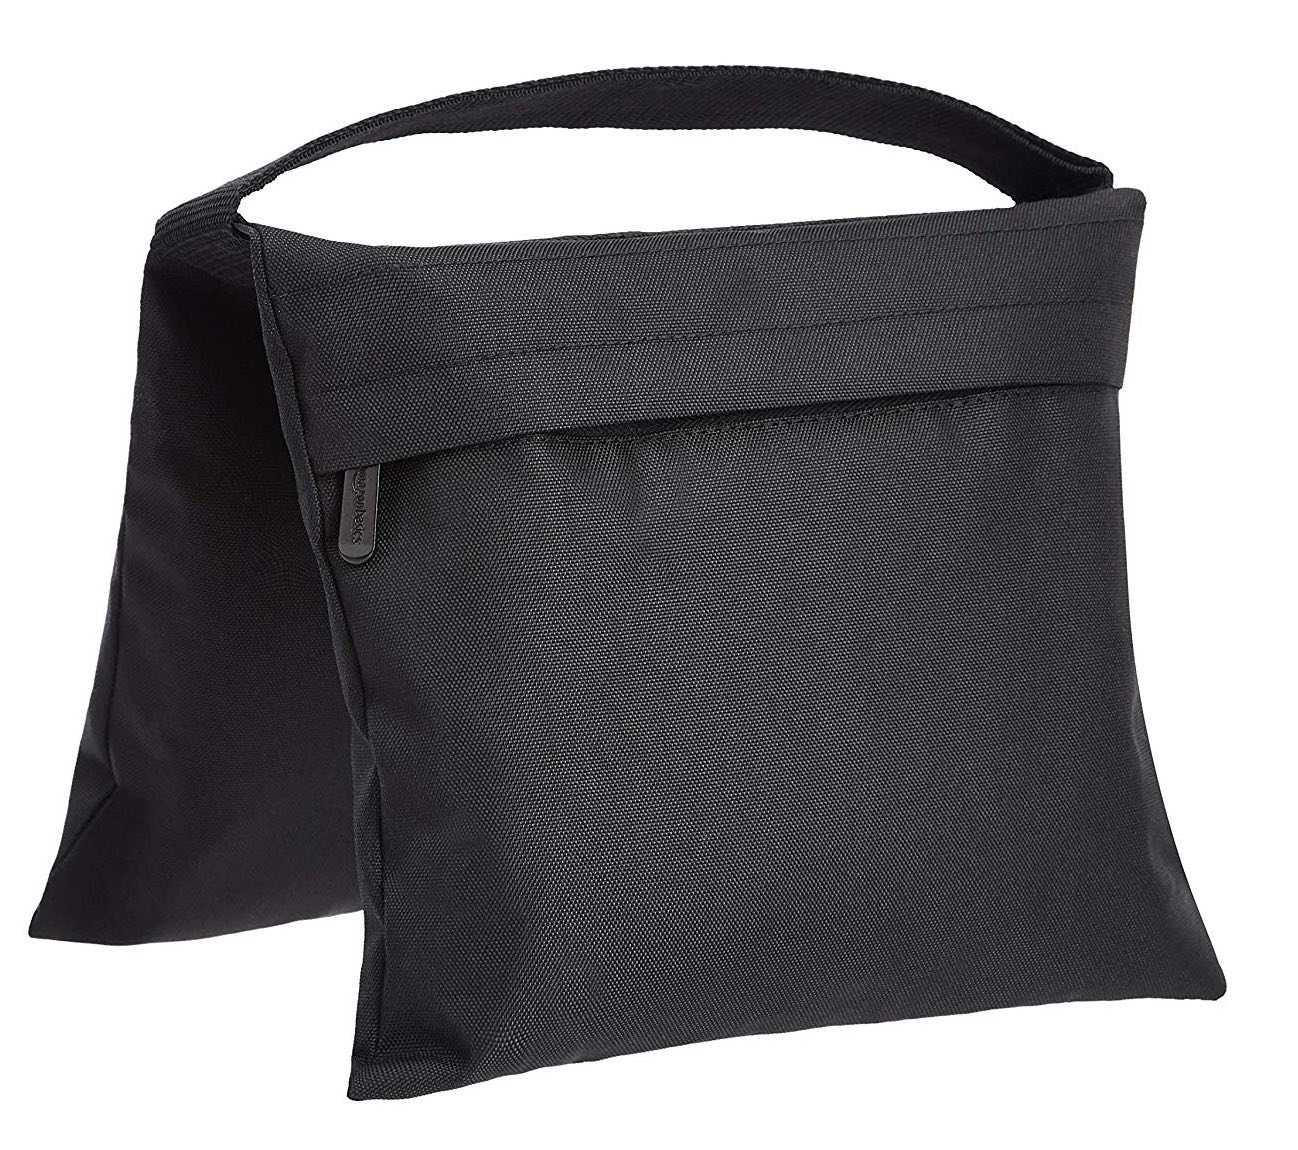 AmazonBasics Photographic Sandbag for Light Stands